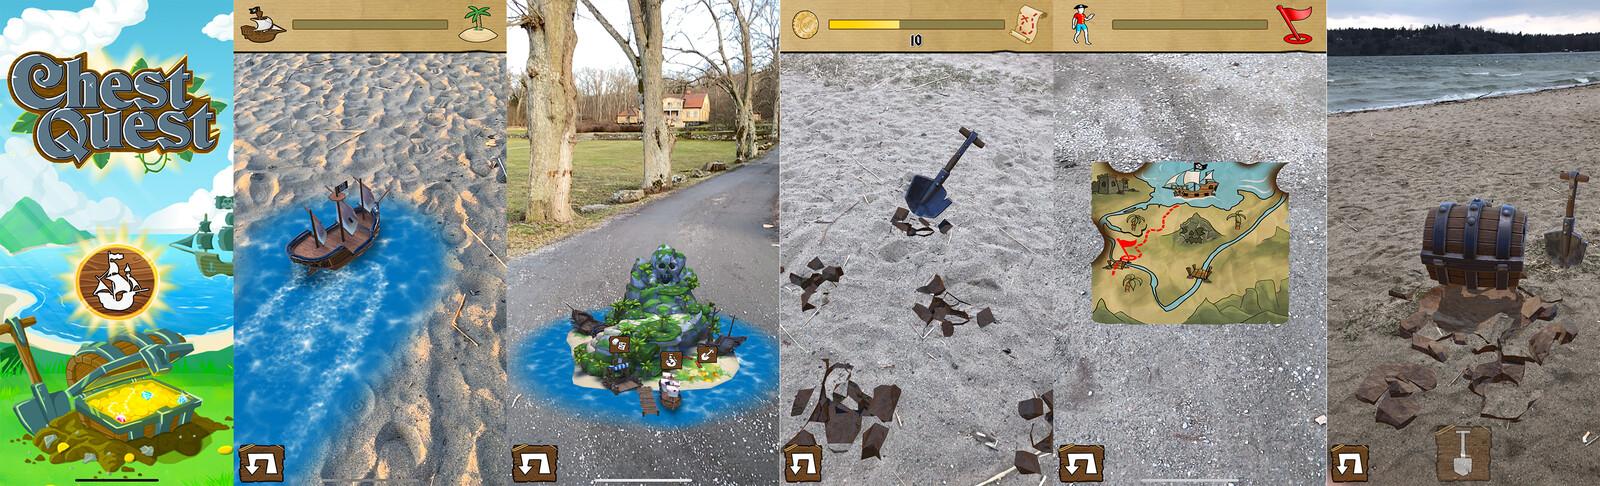 In-App Screenshots